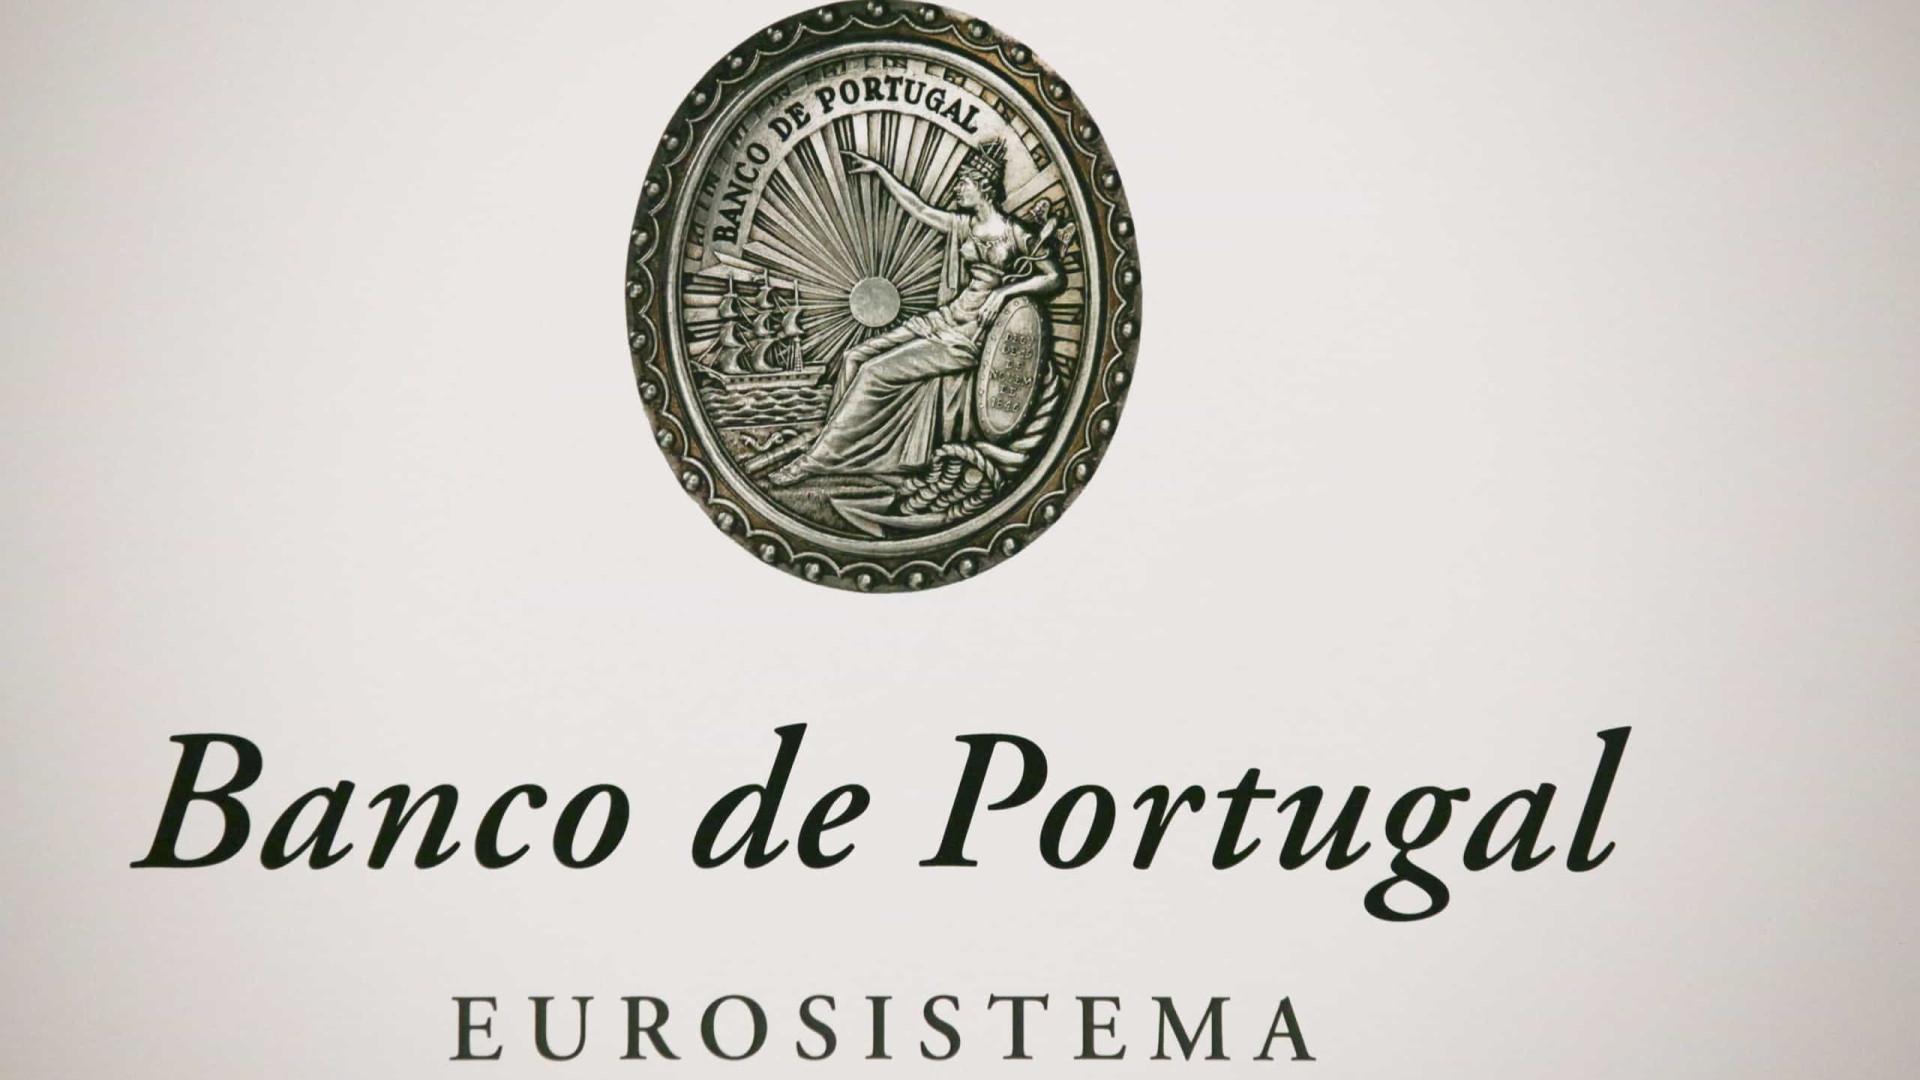 Banco de Portugal quer que redução da dívida pública seja acelerada